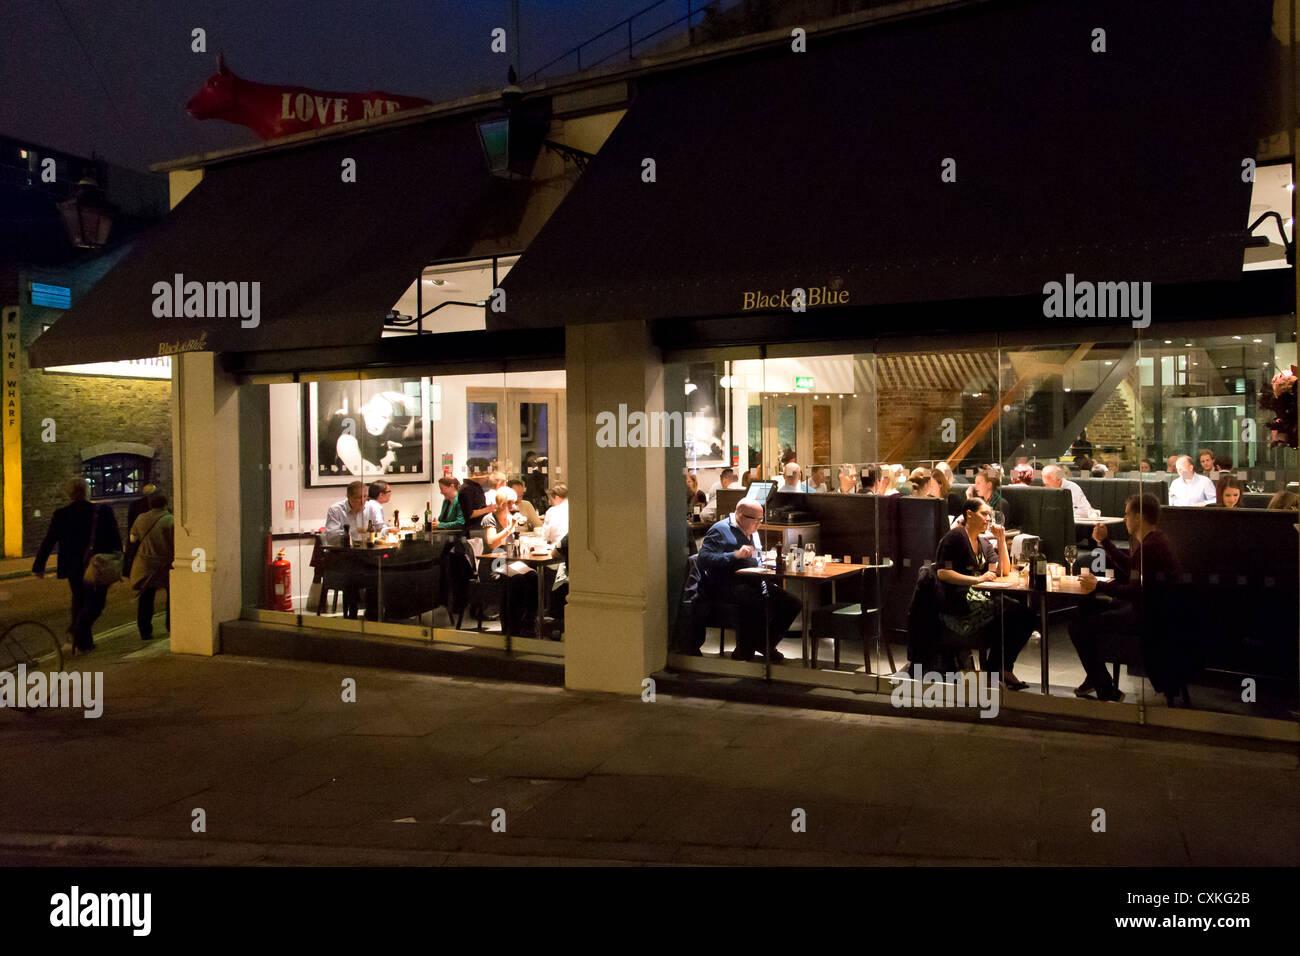 Black and Blue restaurant window Borough Market. Stoney ... - photo#5